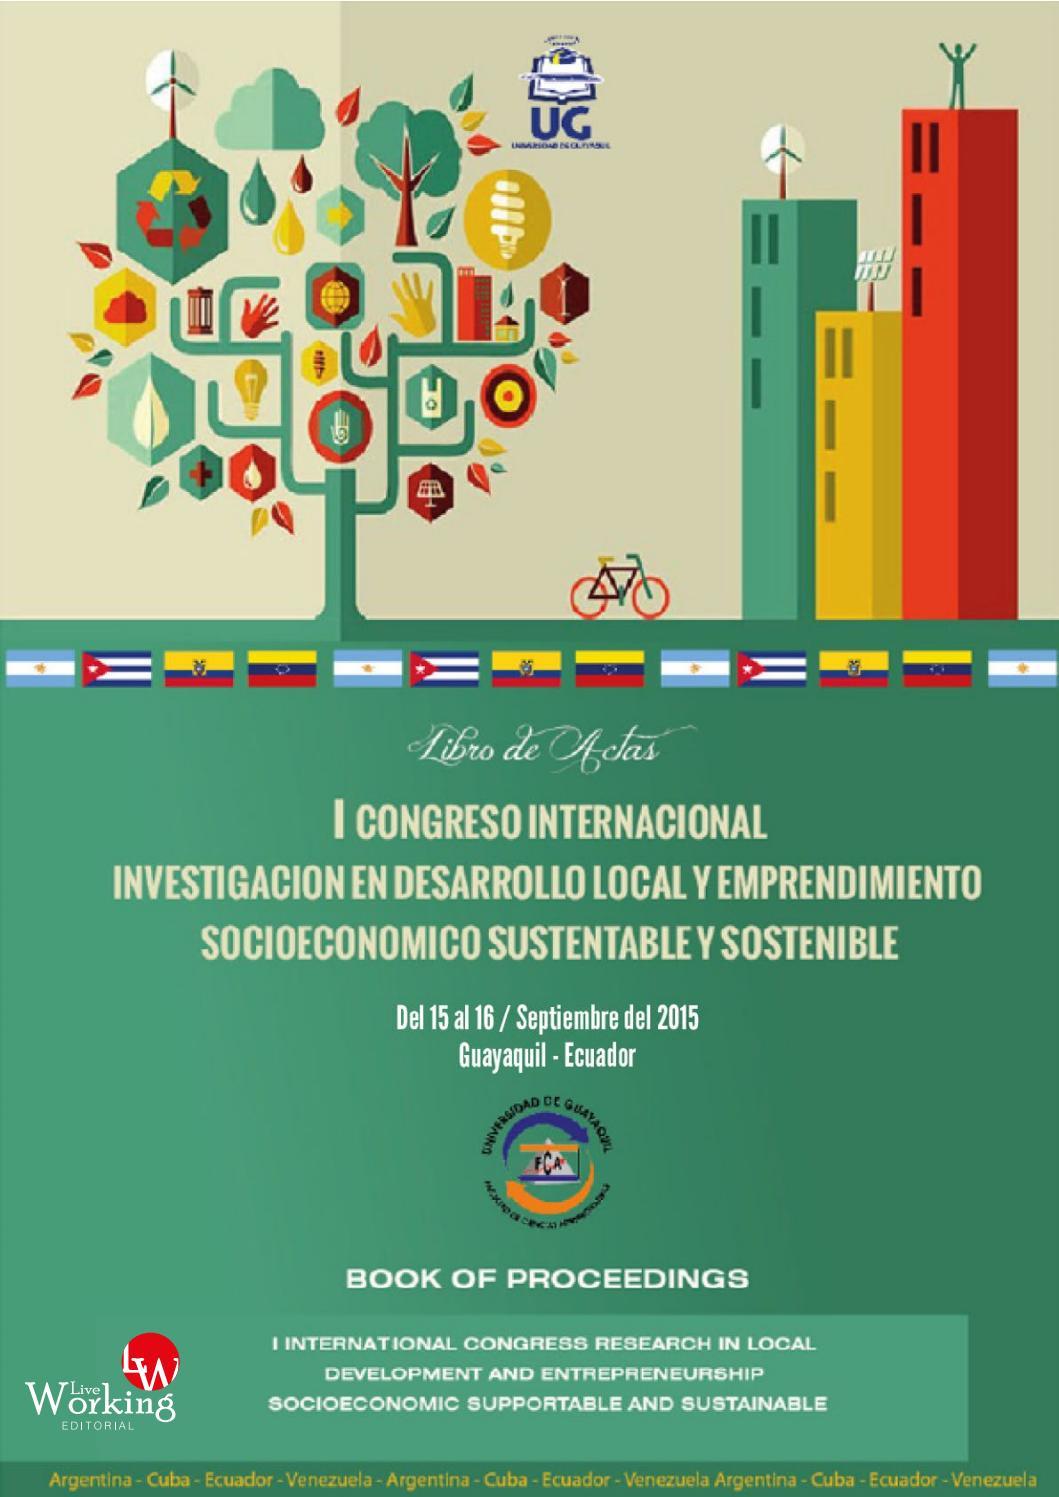 I congreso de investigaci n de desarrollo local y emprendimientos by ciencias administrativas ug issuu